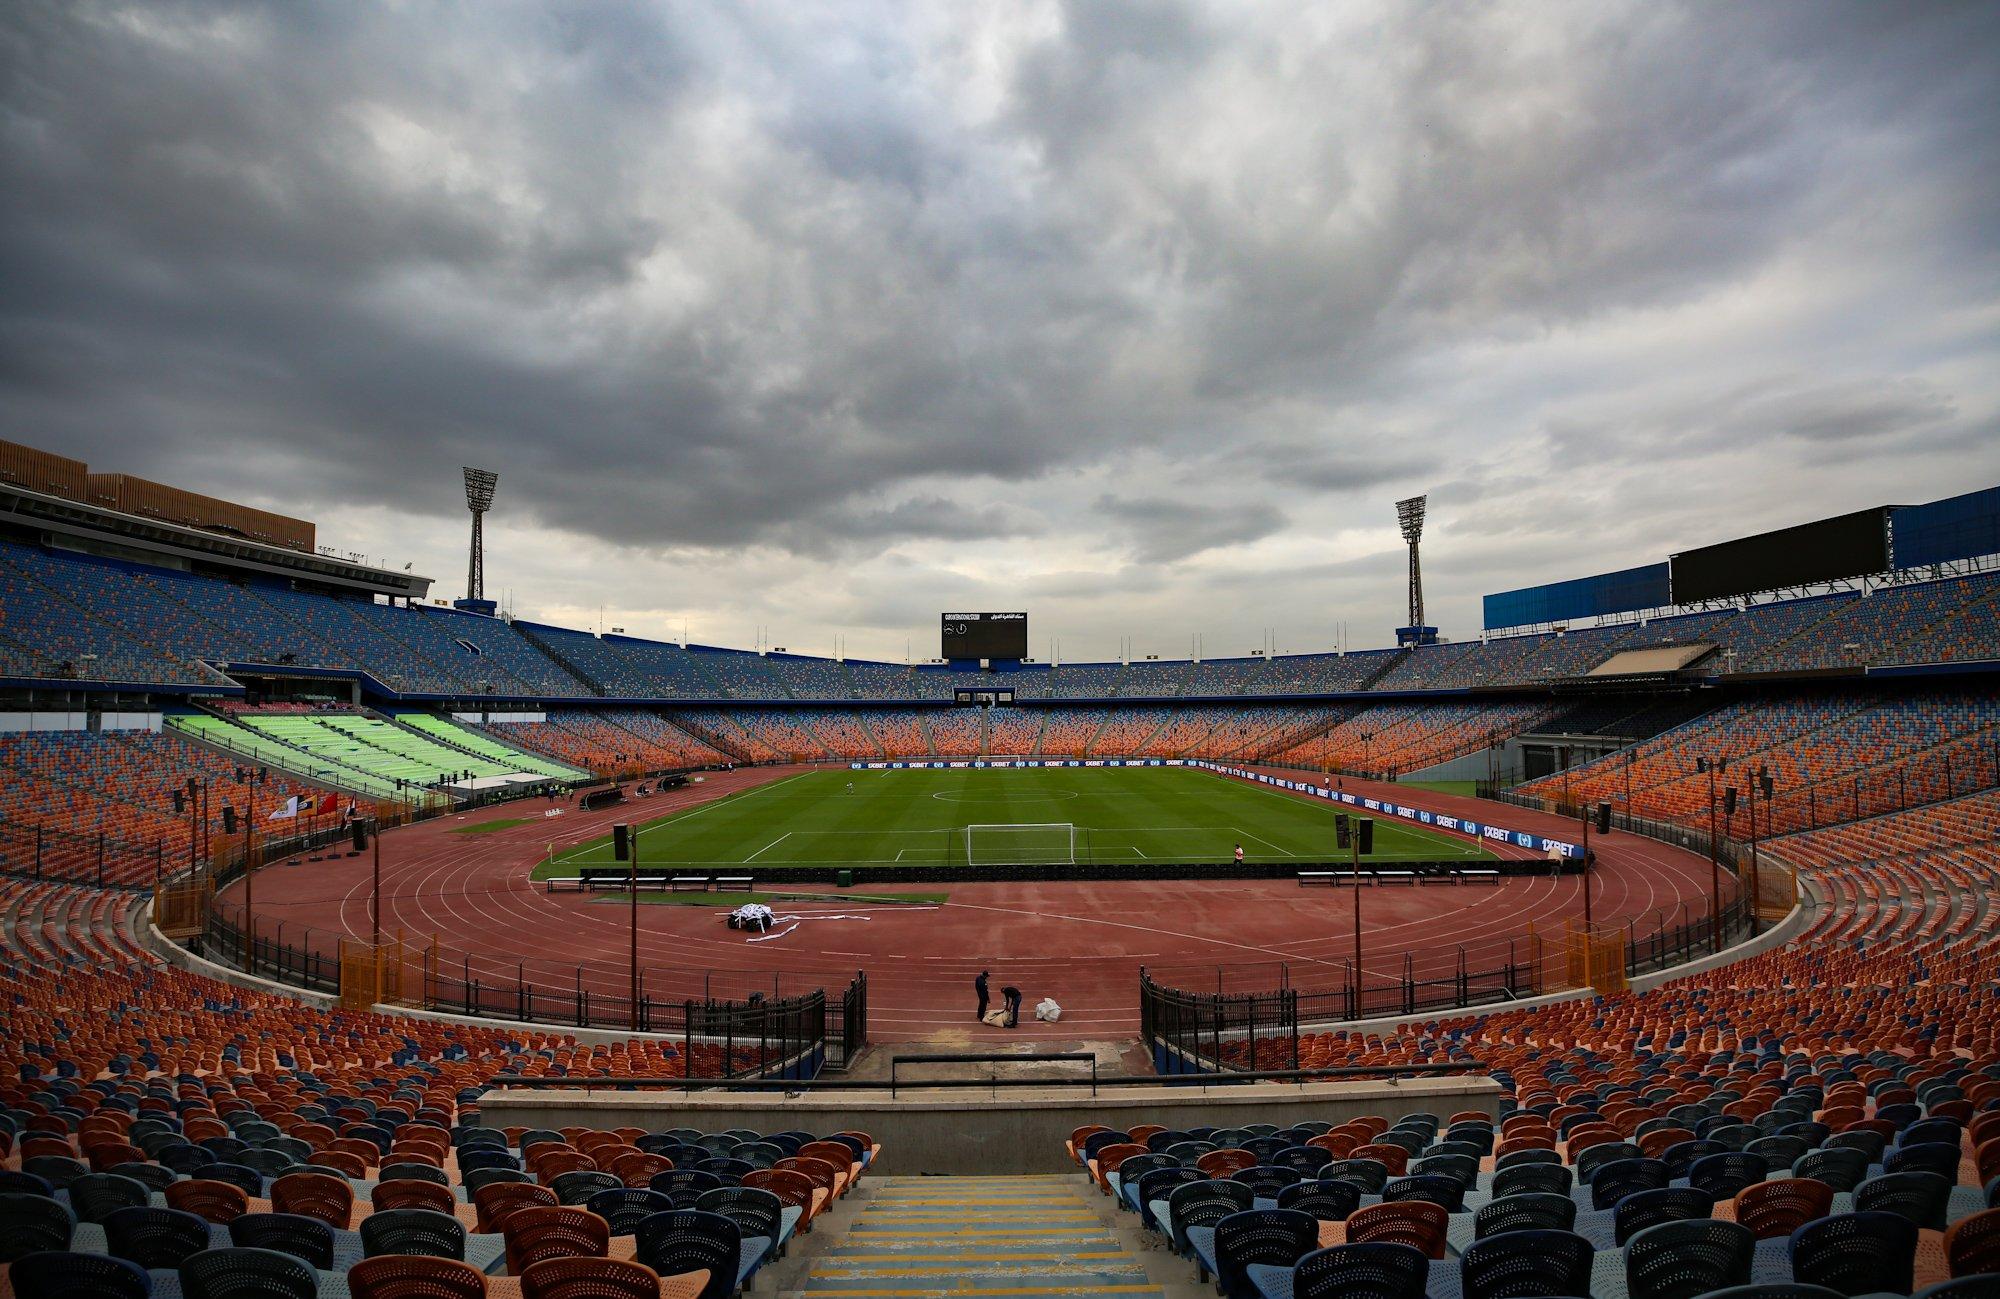 ستاد القاهرة قبل ساعات من مباراة الزمالك والرجاء